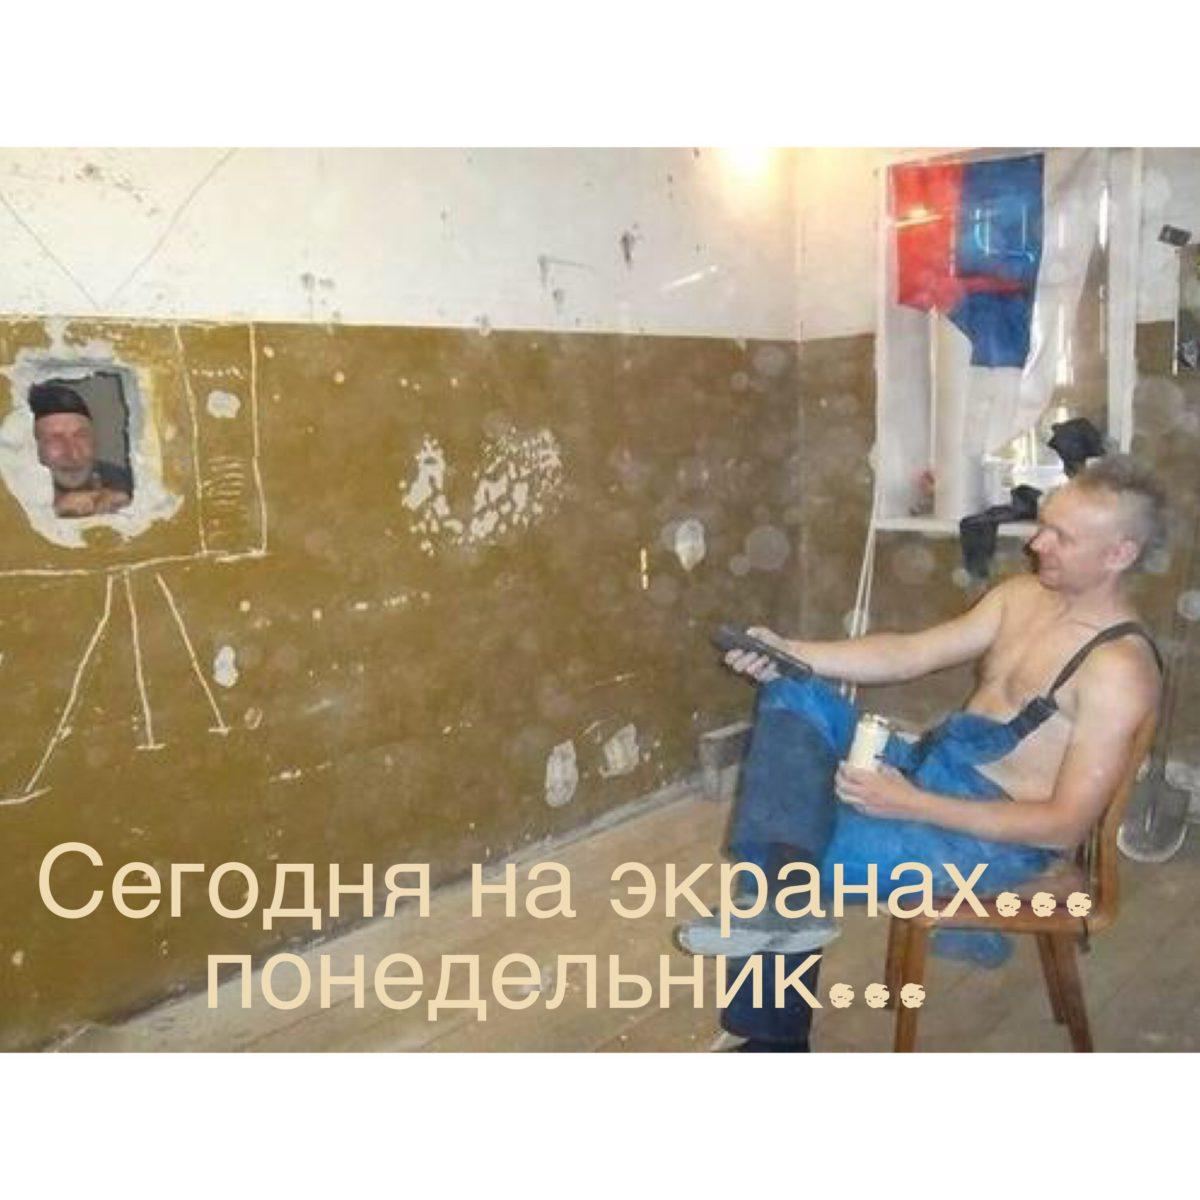 телевидение в россии